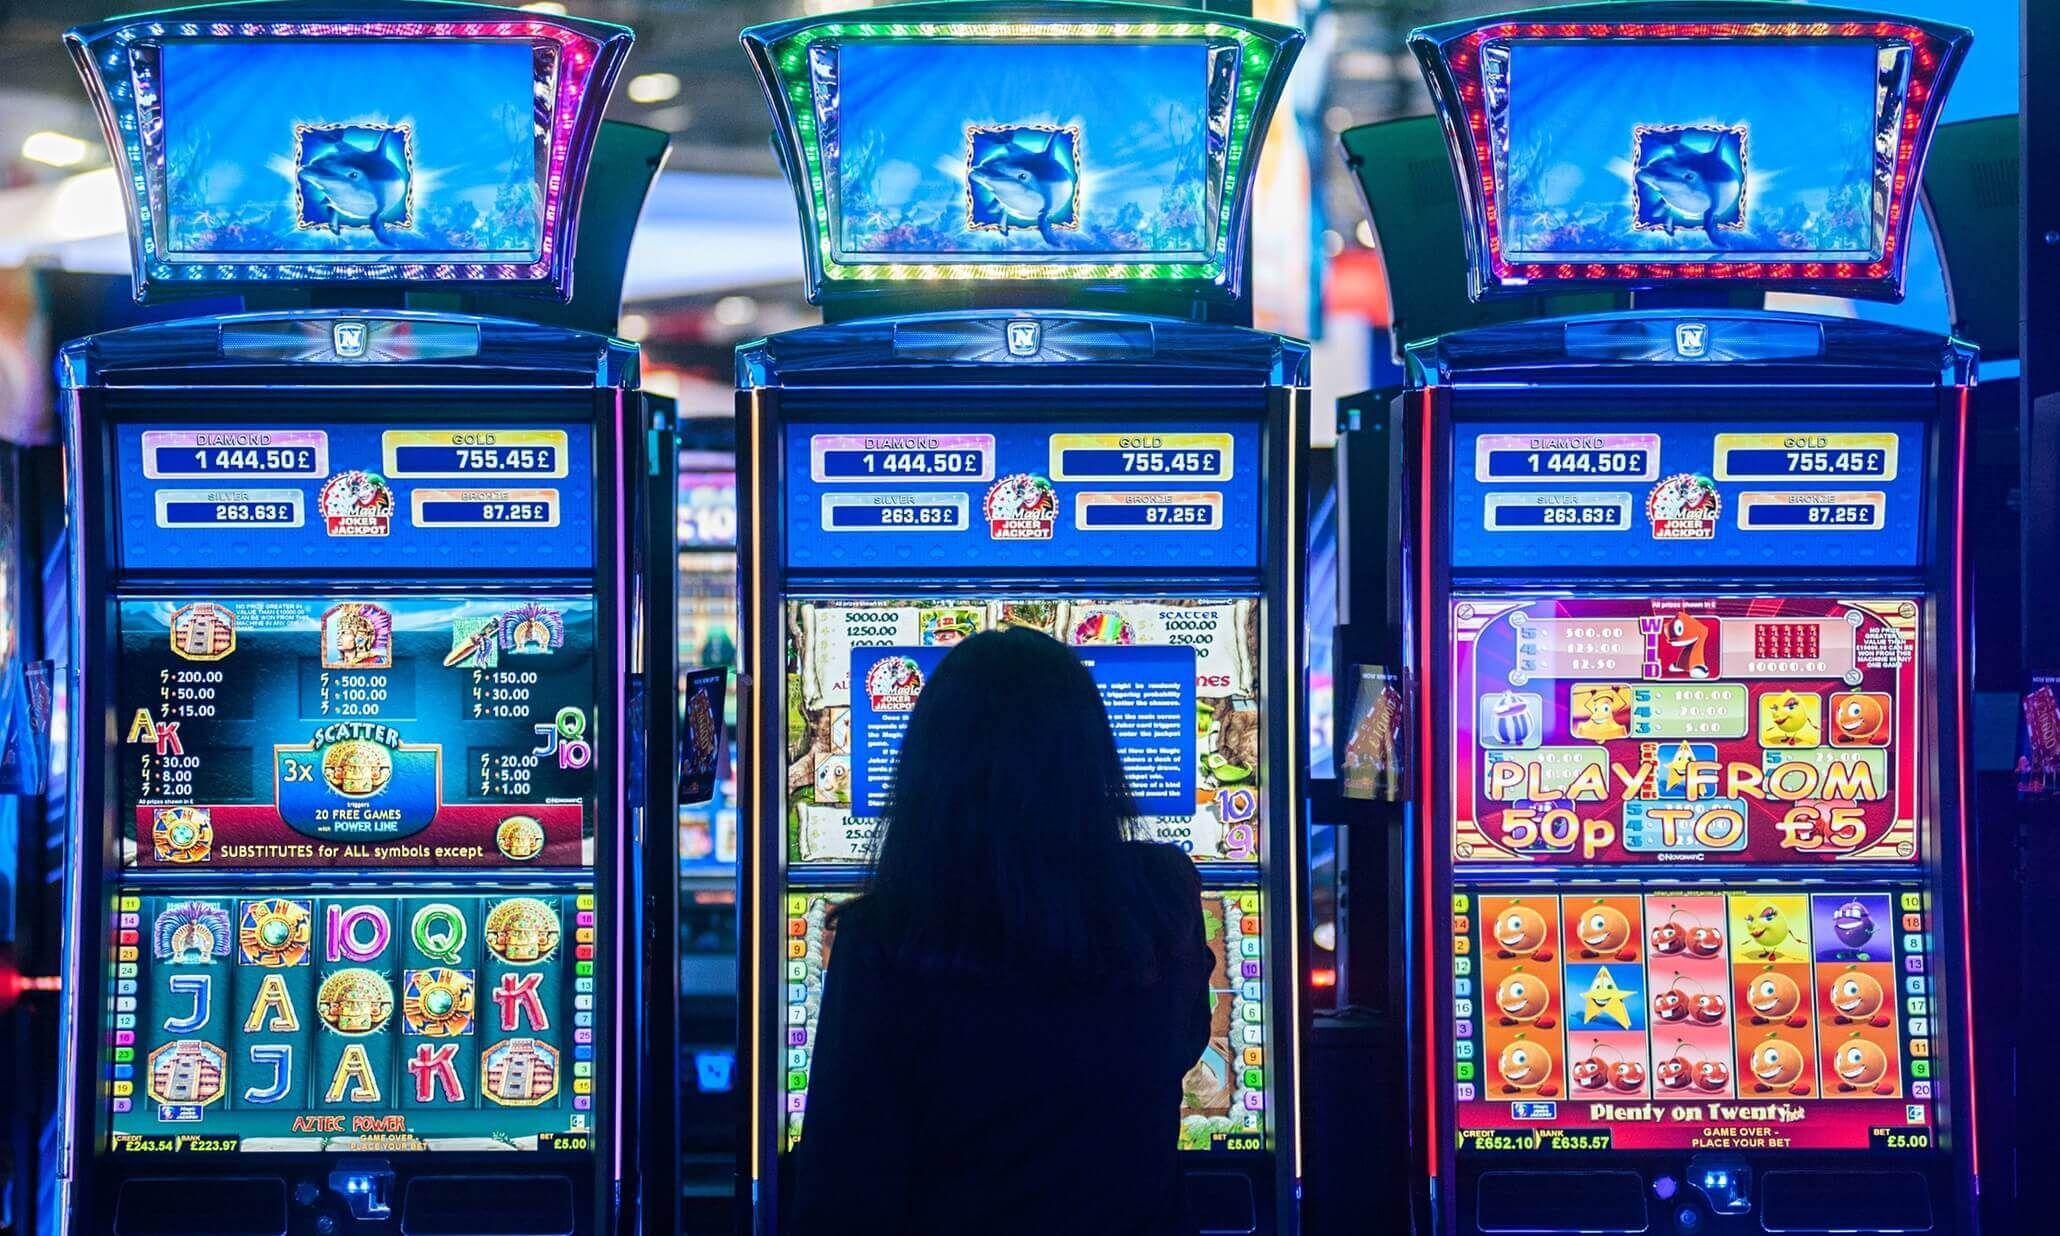 игры онлайн бесплатно азартные слоты машины